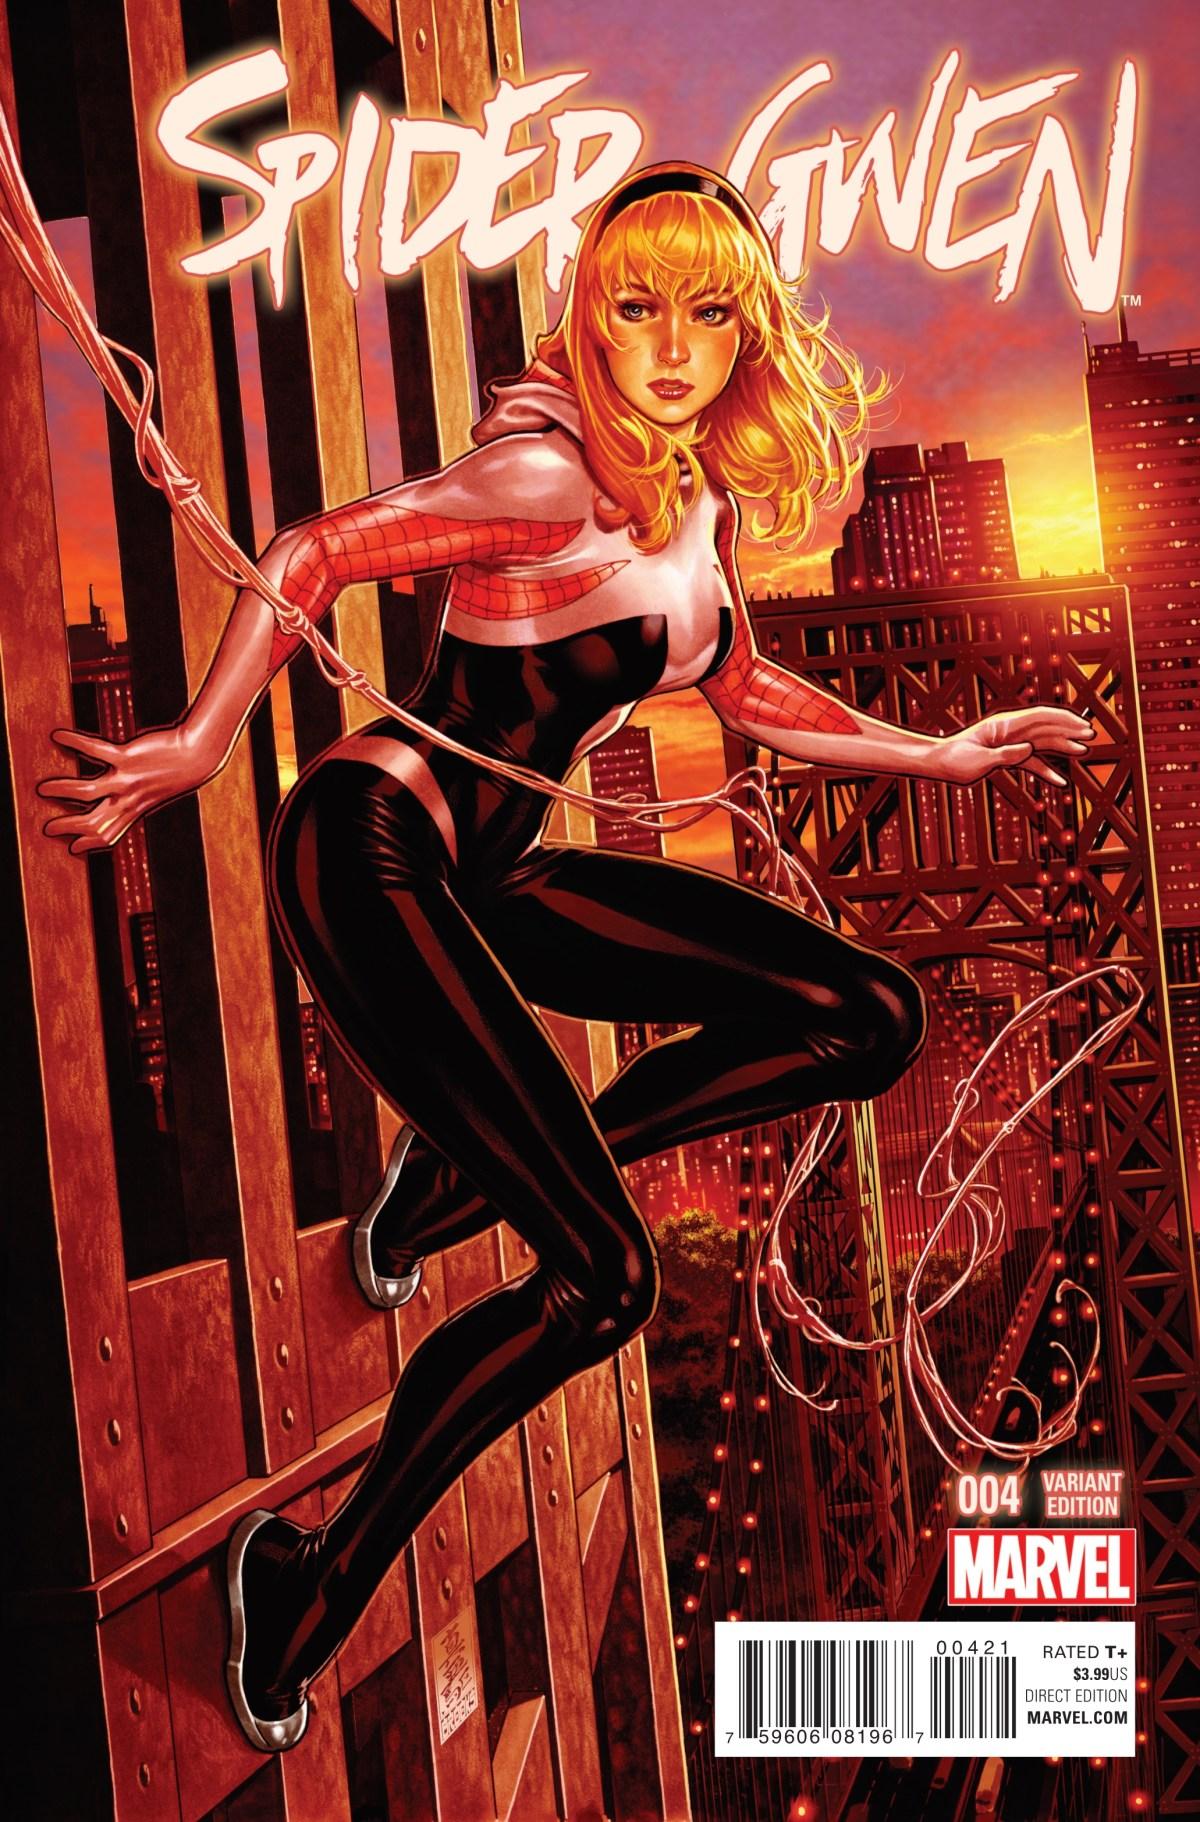 Spider-Gwen004cvrB